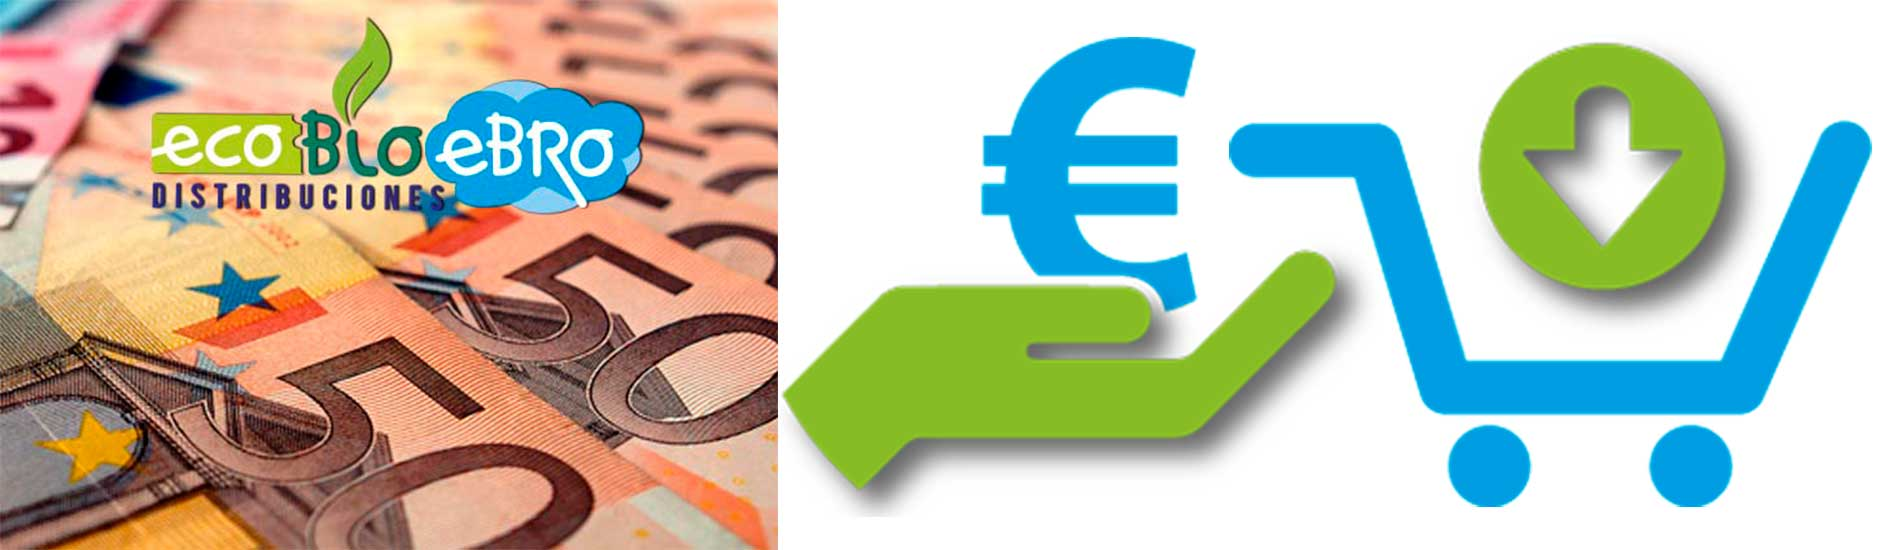 Compra-financiada-ecobioebro